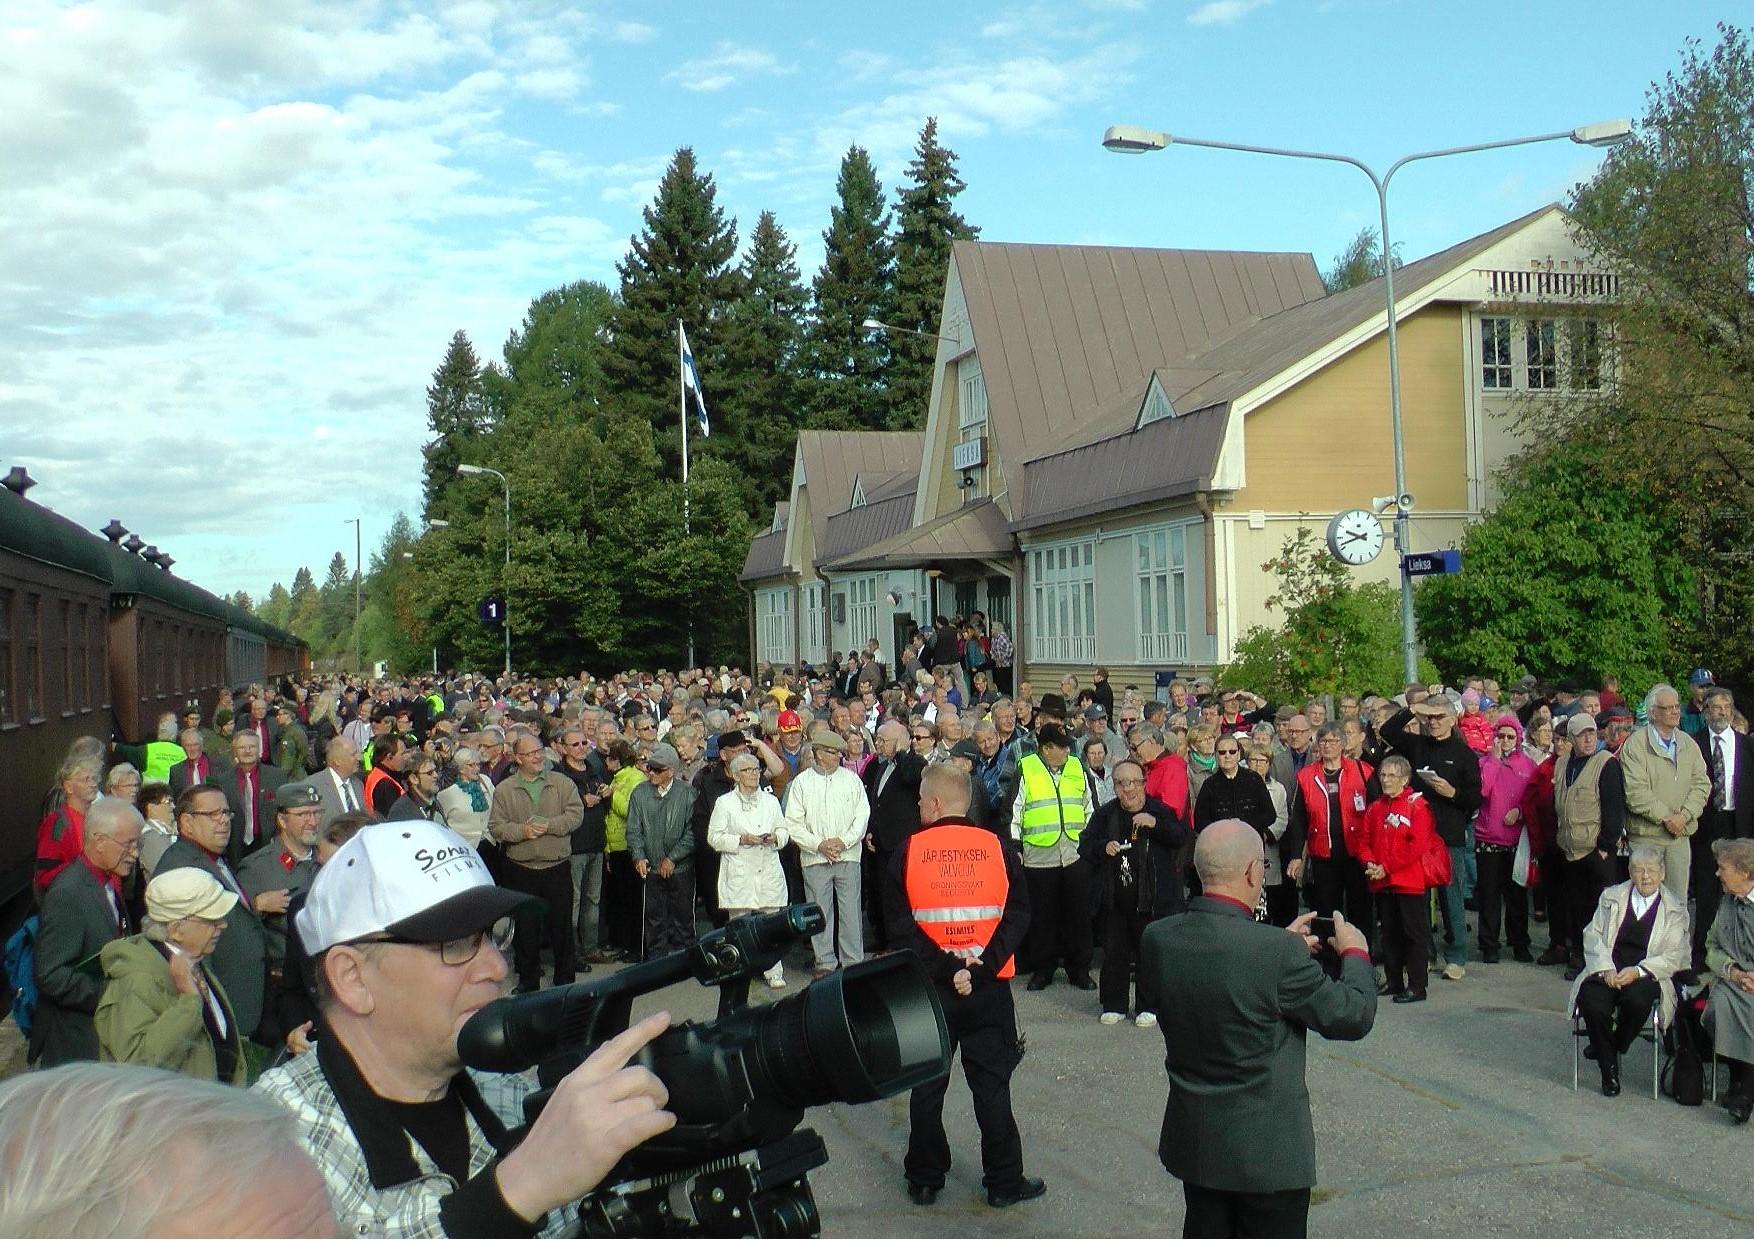 Lieksan asemalle oli kokoontunut useita satoja ihmisiä ottamaan vastaan Kiuruvedeltä saapuvan juhlajunan.